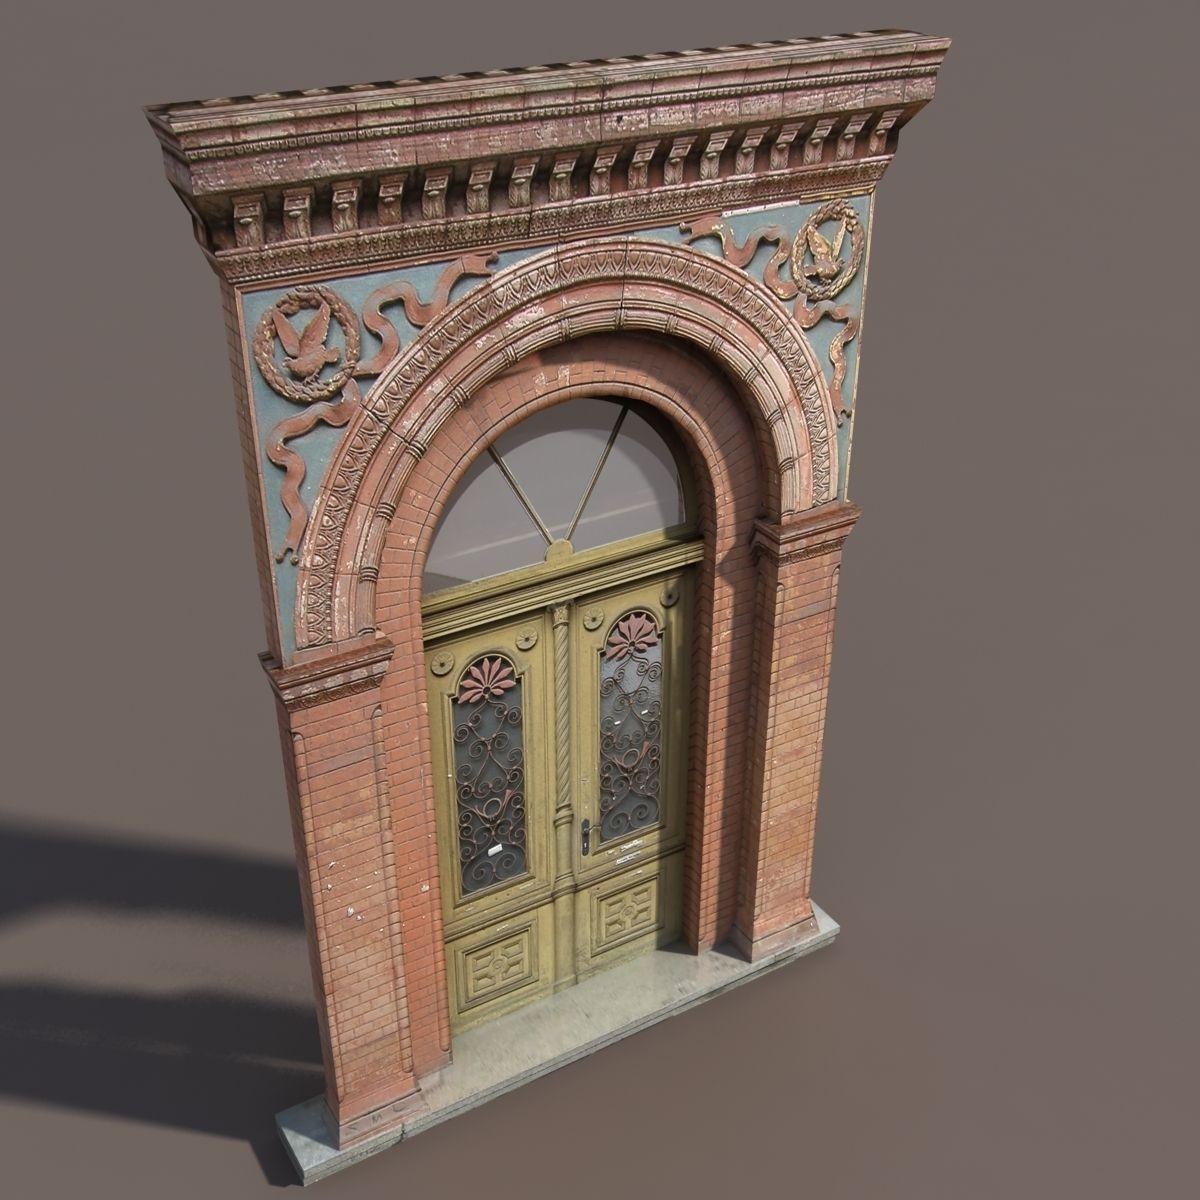 ... door portal low poly 89 3d model max obj 3ds lwo lw lws hrc xsi blend ... & Door portal Low poly 89 3D | CGTrader